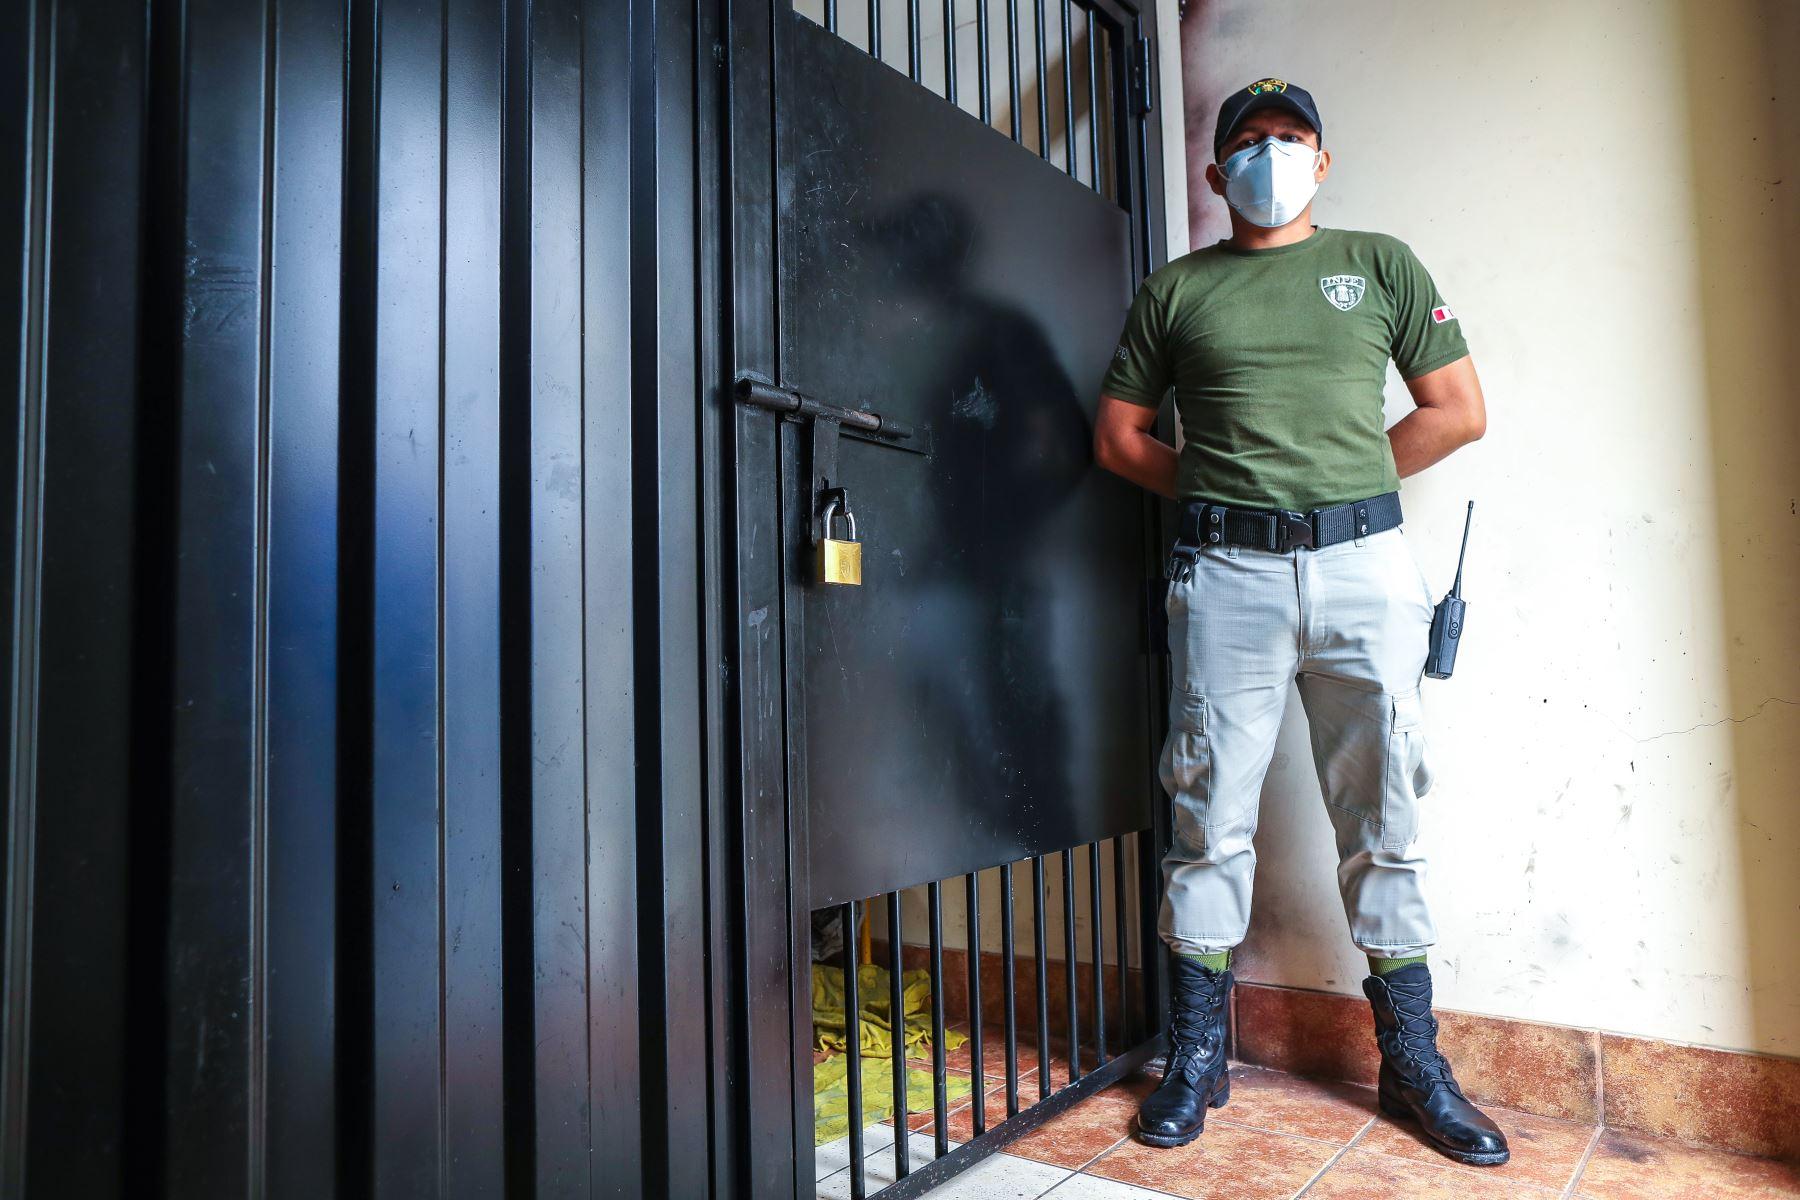 El Centro de Aislamiento Temporal de Lima (ex penal San Jorge), que se implementó como parte de las medidas de prevención a fin de reducir el contagio del Covid-19 en los penales, alberga actualmente a 88 internos que cumplen una cuarentena obligatoria antes de su internamiento  en un establecimiento penitenciario.Foto:ANDINA/MINJUS